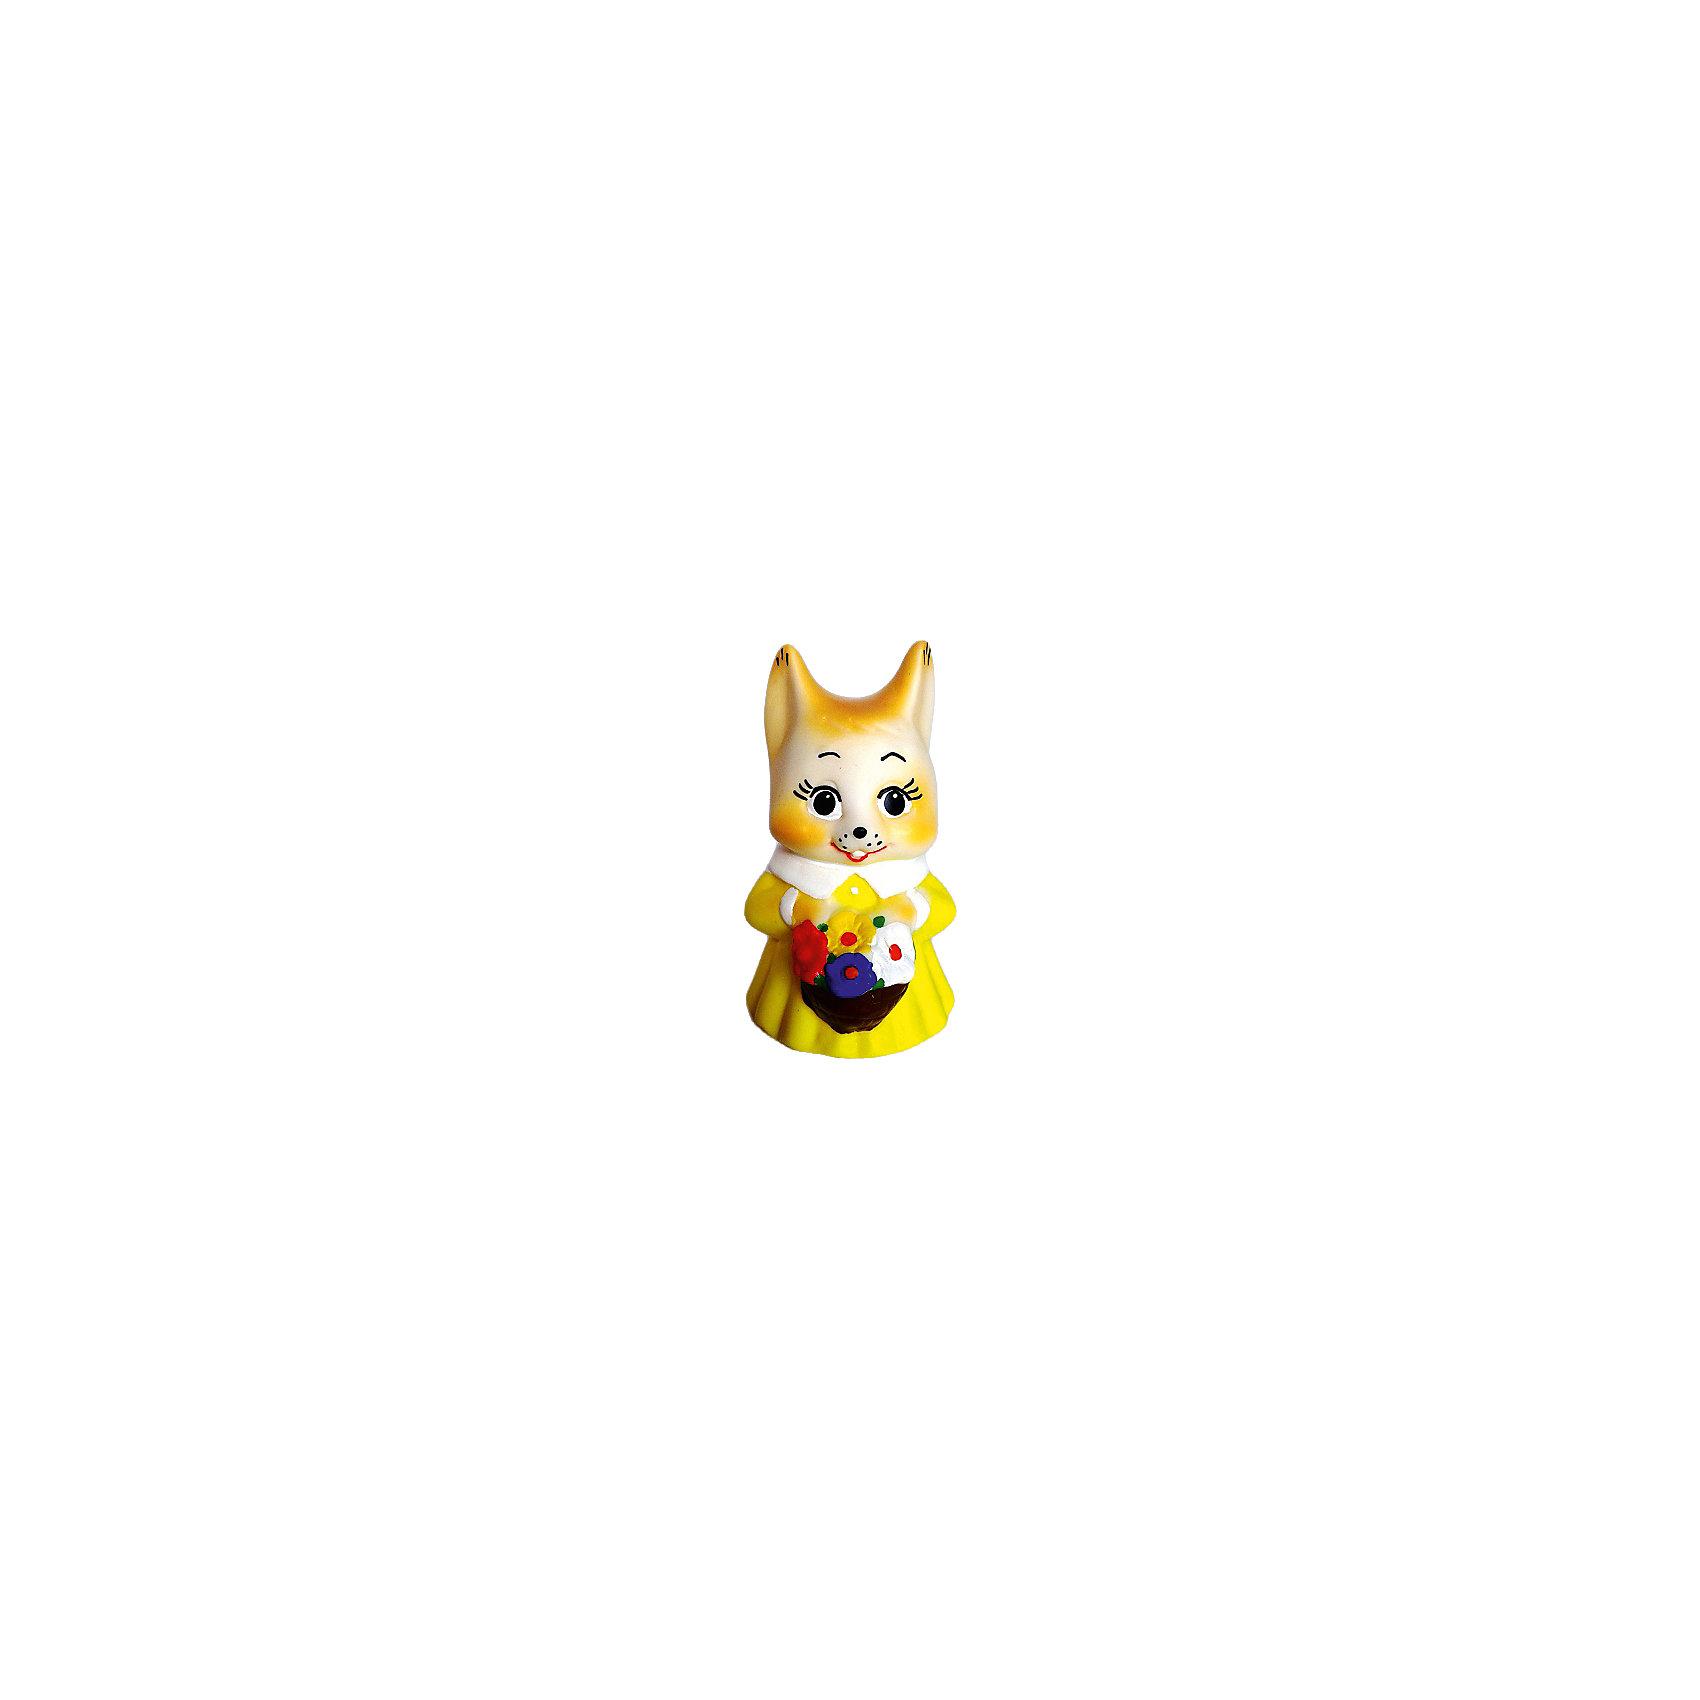 Белочка с подарком, КудесникиИгрушки ПВХ<br>Белочка с подарком, Кудесники<br><br>Характеристики:<br><br>• Материал: ПВХ.<br>• Размер: 14 см.<br>• Вес: 65г.<br> <br>Отличная игрушка из мягкого ПВХ надолго займет внимания вашего малыша. Эта игрушка поможет малышу при прорезывании зубов, поможет развивать моторику рук, знакомить с формой, цветом, образами. Также с ней можно забавно поиграть в ванной. Яркий образ поможет ребенку придумывать различные сюжетно-ролевые игры.<br><br>Белочку с подарком, Кудесники, можно купить в нашем интернет – магазине.<br><br>Ширина мм: 60<br>Глубина мм: 50<br>Высота мм: 110<br>Вес г: 65<br>Возраст от месяцев: 12<br>Возраст до месяцев: 36<br>Пол: Унисекс<br>Возраст: Детский<br>SKU: 4896456